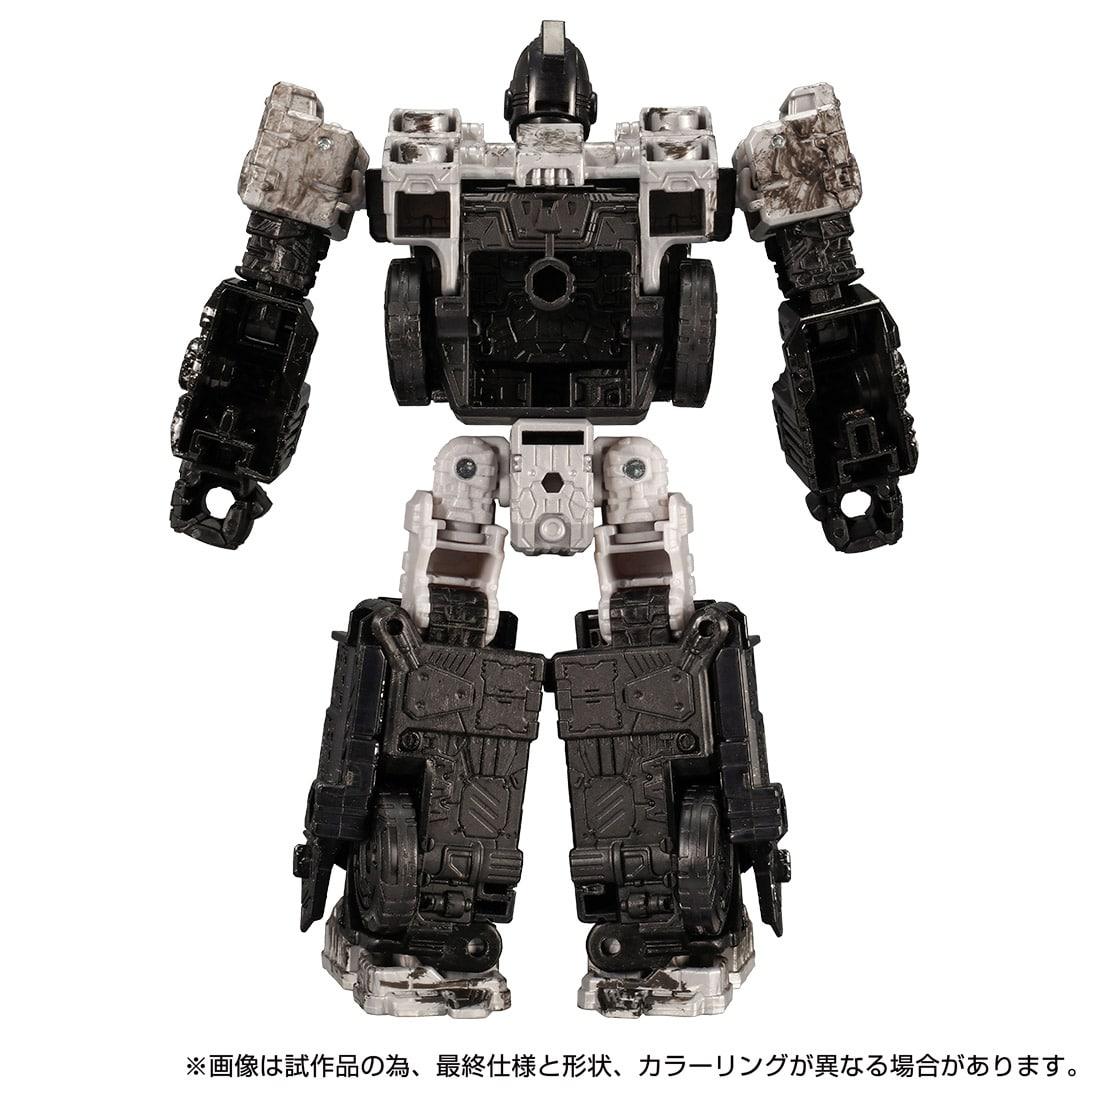 トランスフォーマー ウォーフォーサイバトロン『WFC-21 ディーシアスアーミードローン』可変可動フィギュア-002